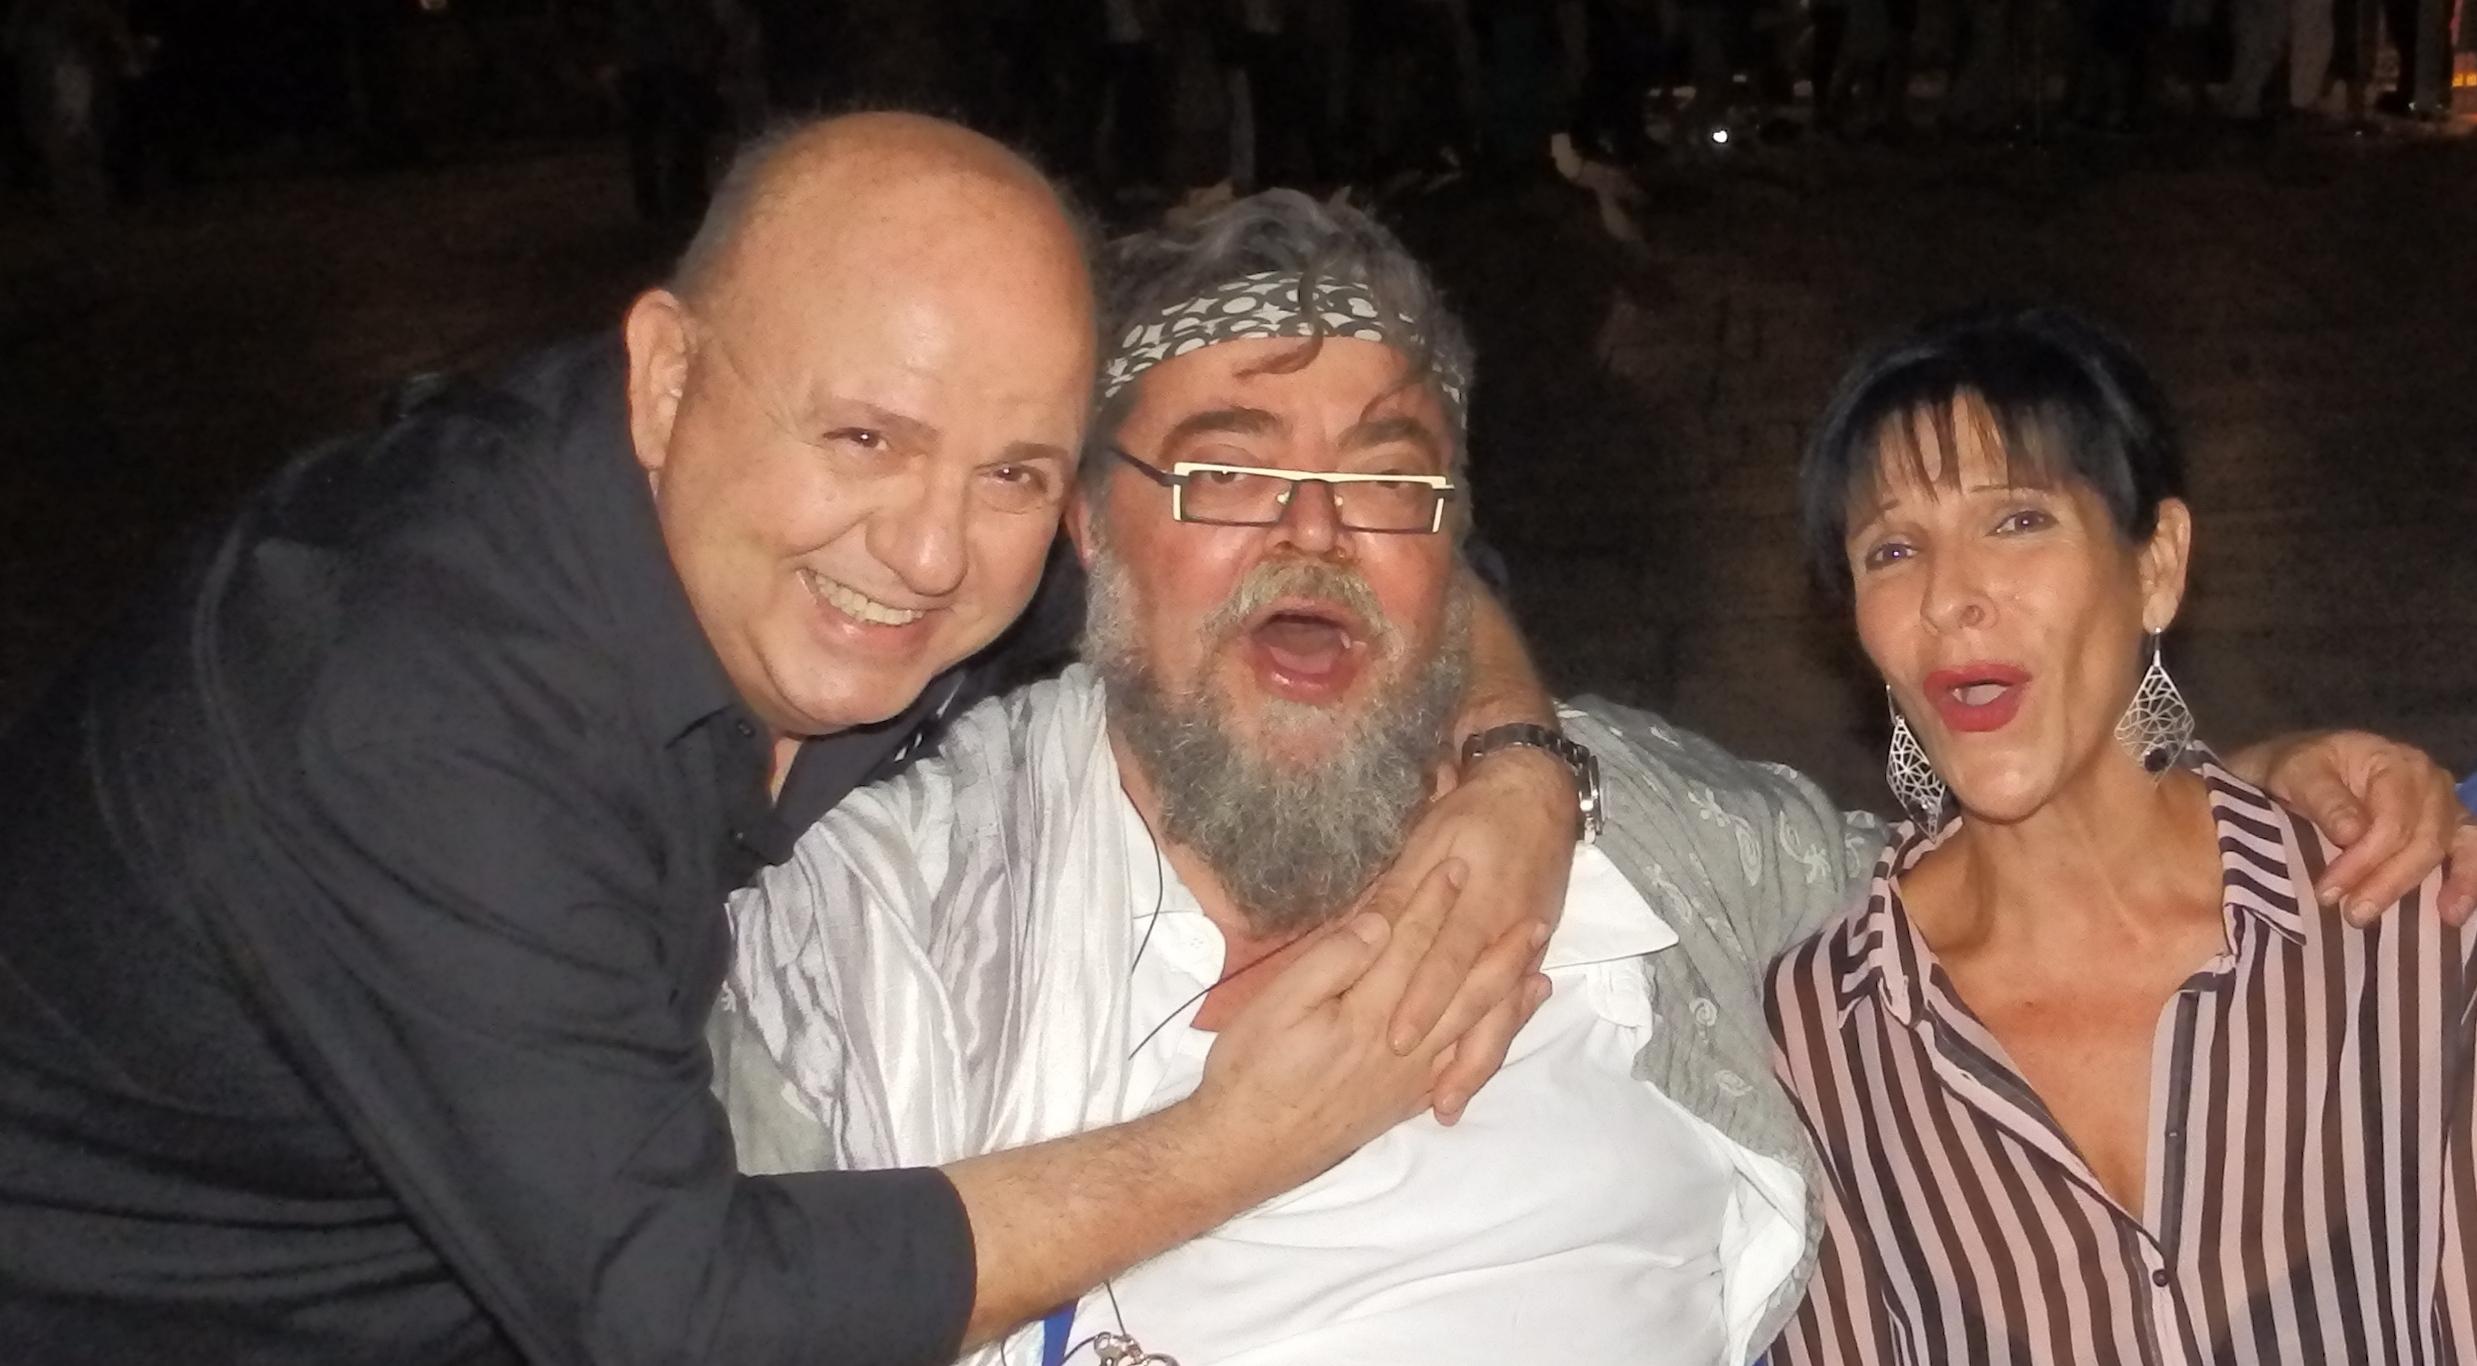 Νίκος Μουρατίδης, Σταμάτης Κραουνάκης, Σοφία Βόσσου